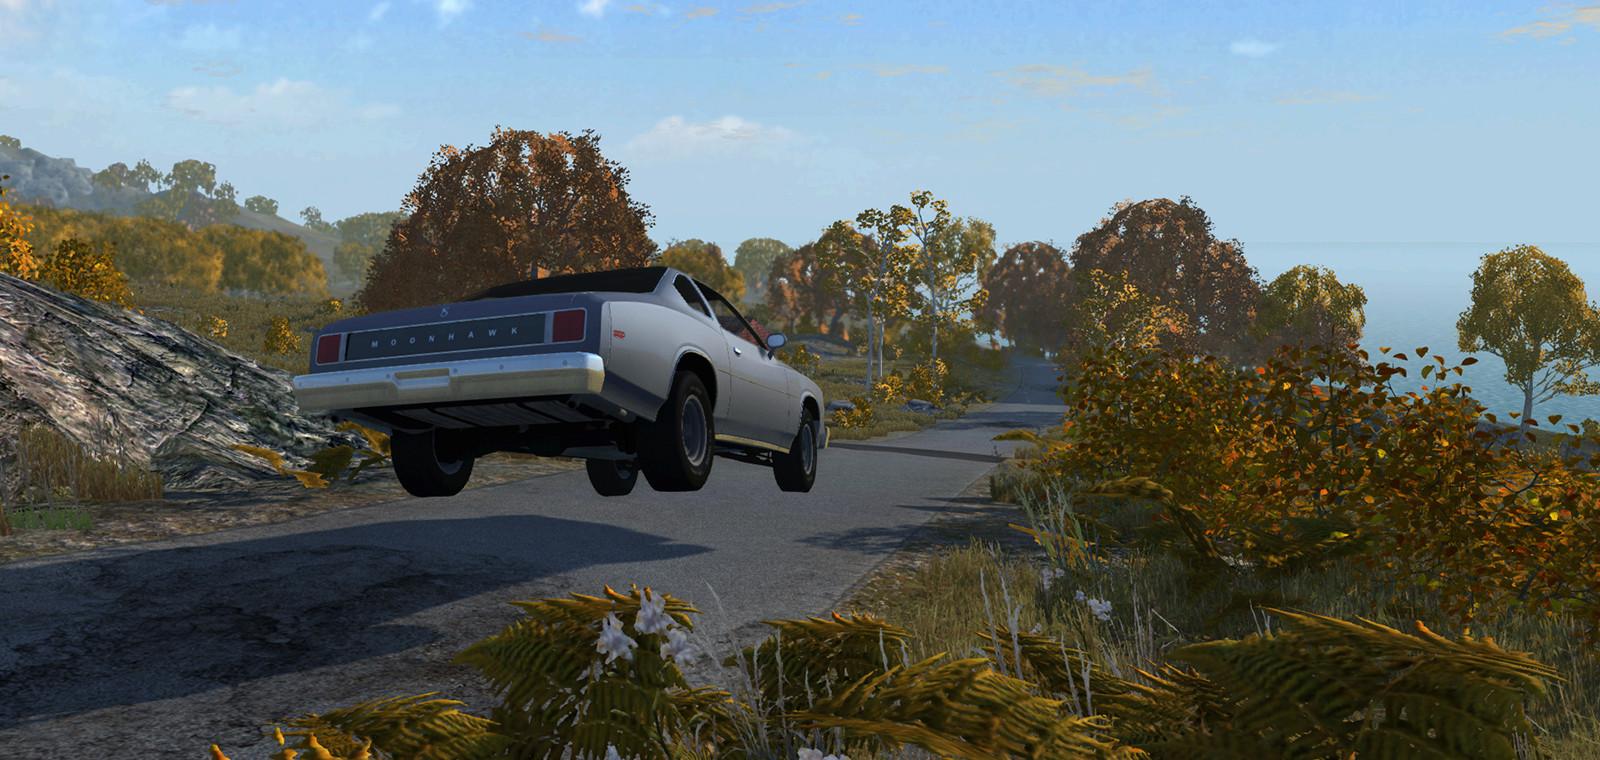 拟真车祸模拟/BeamNG.drive插图4